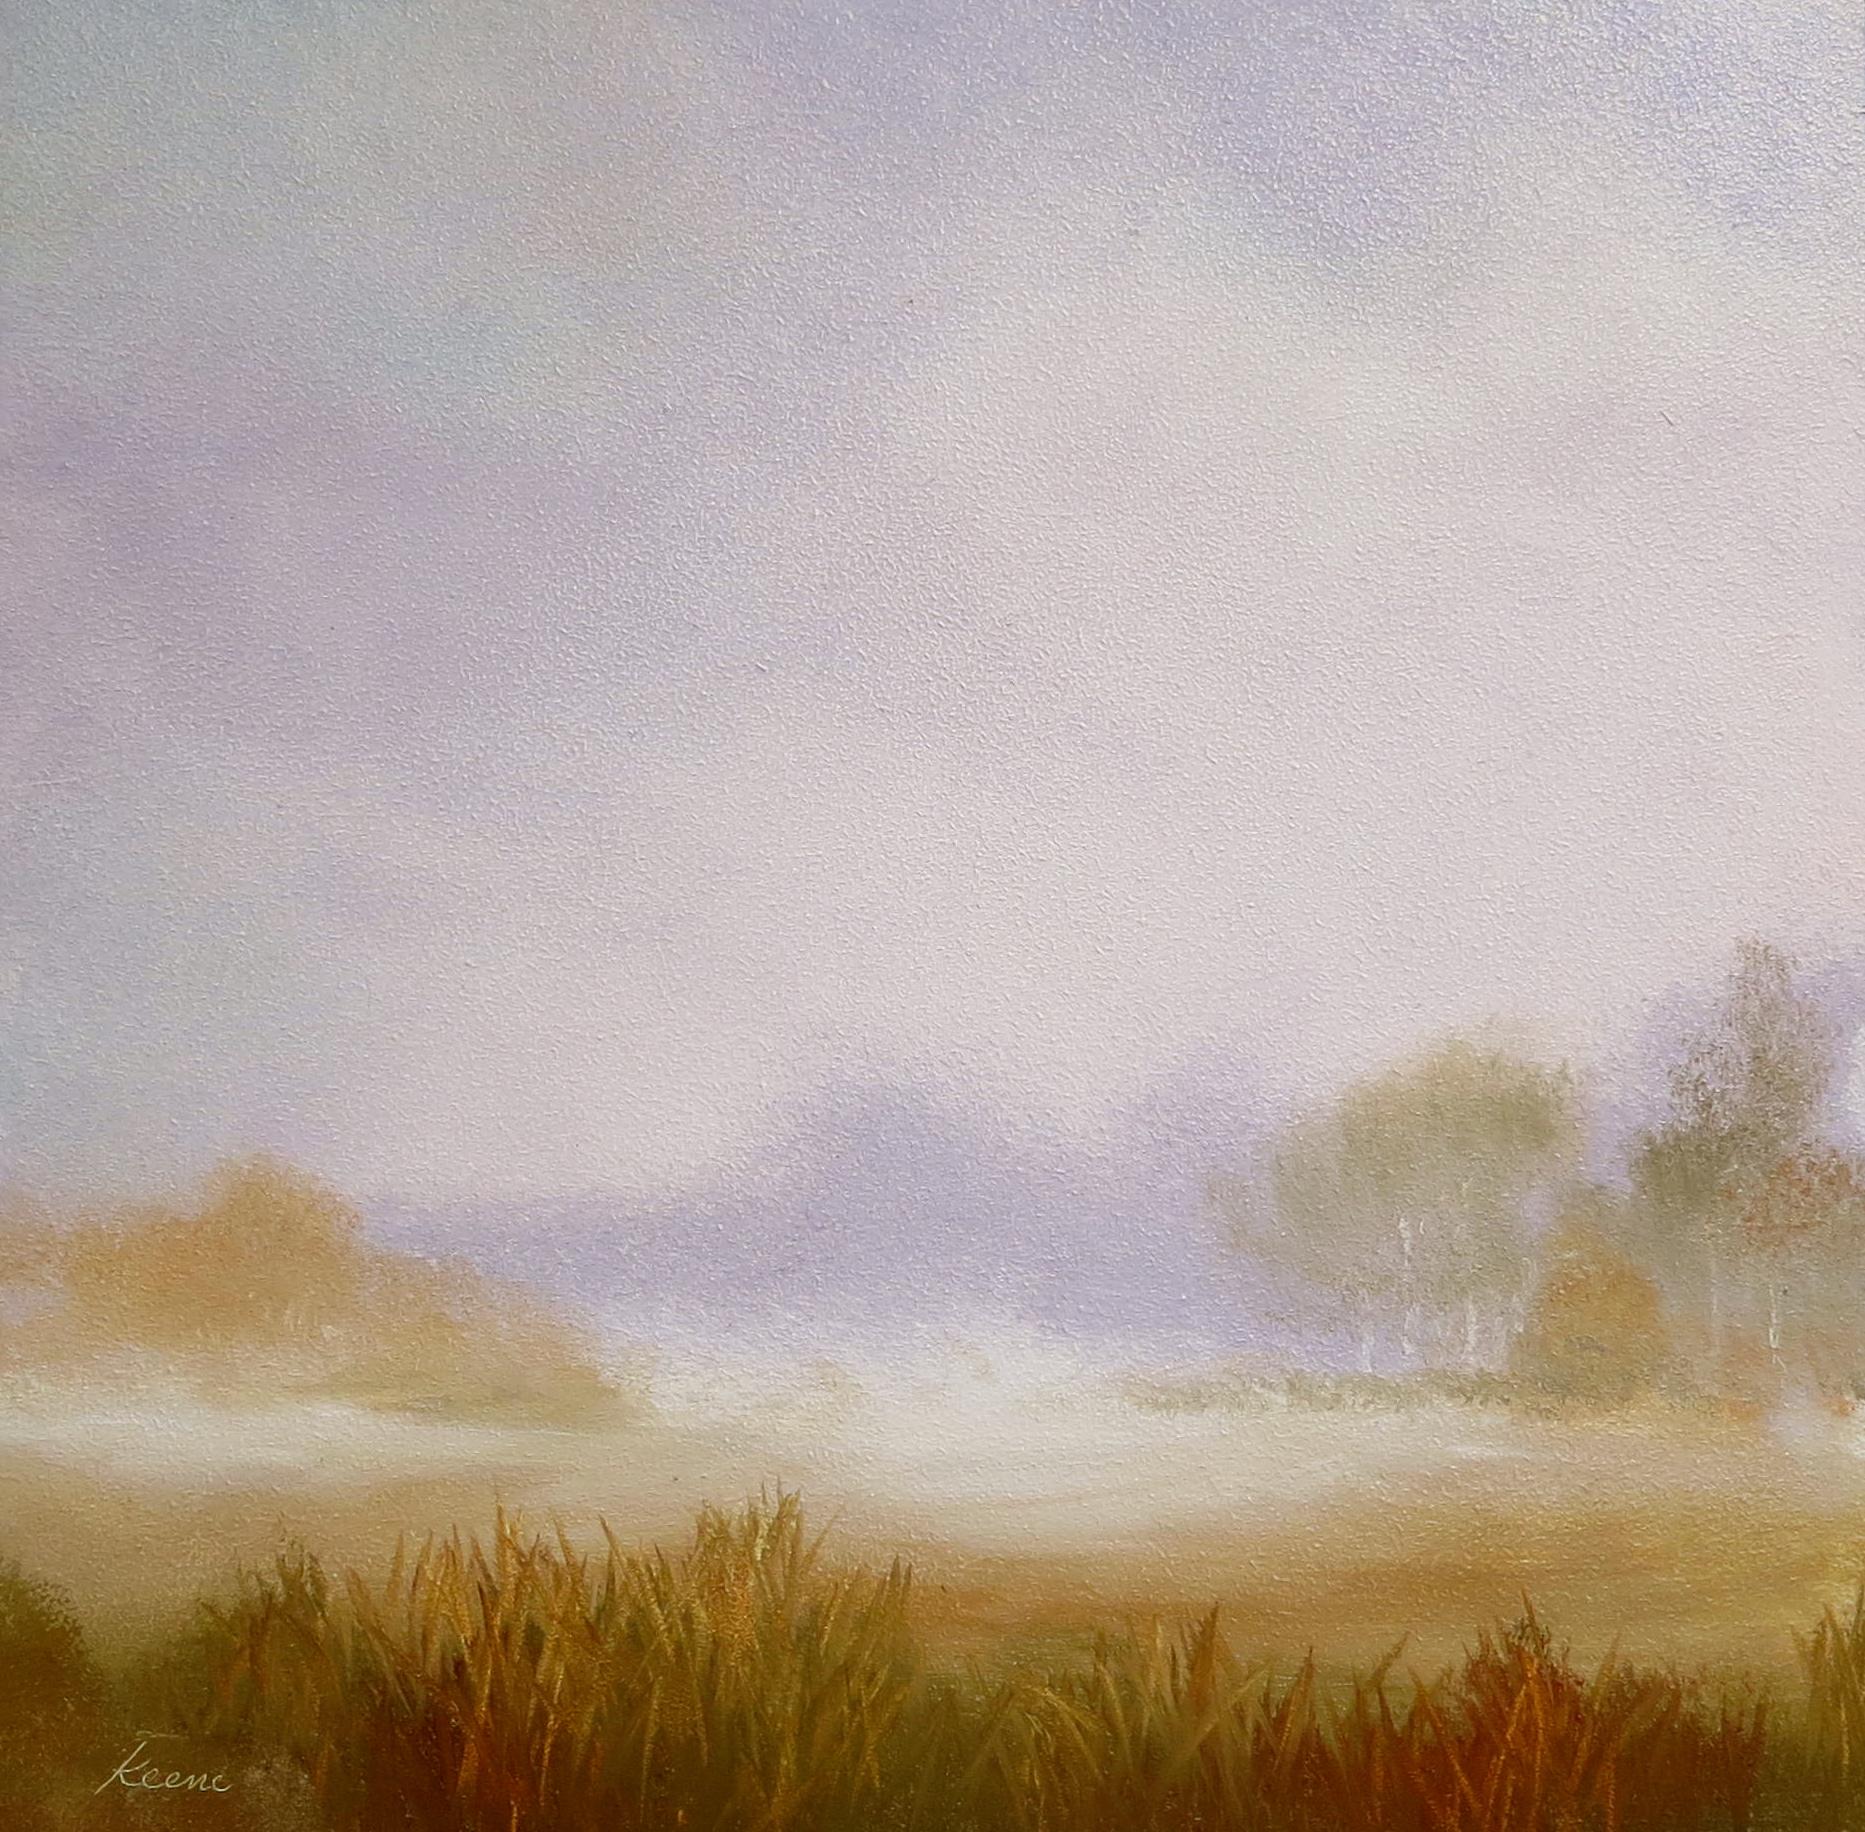 Softly Foggy